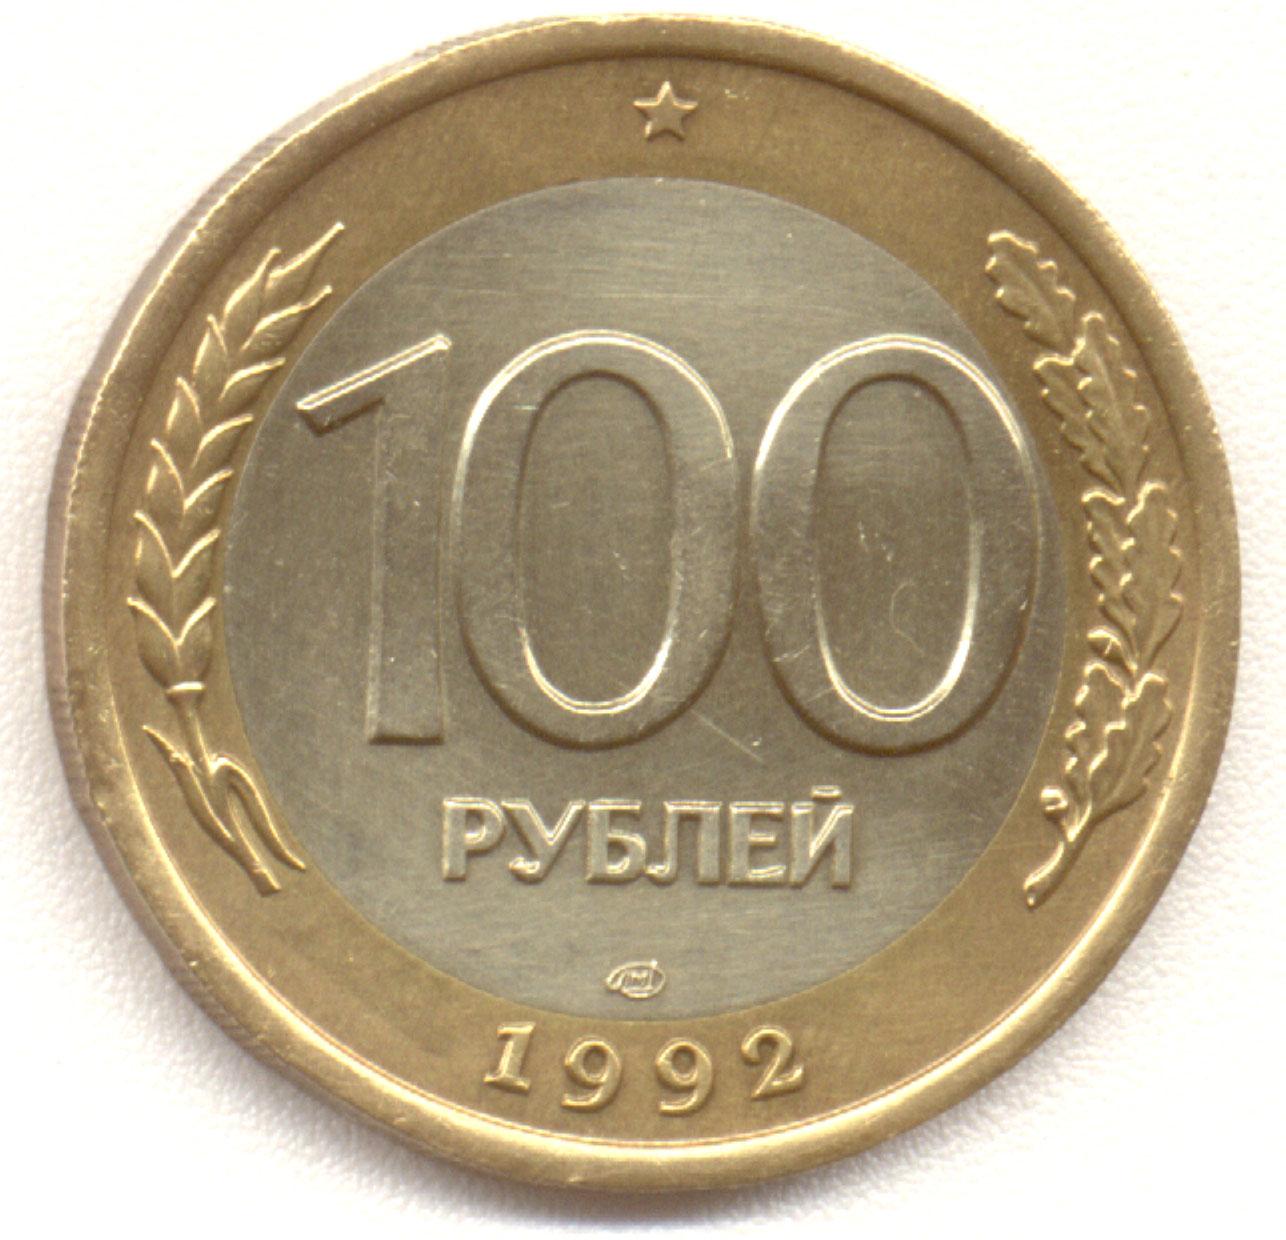 Цена 100 рублей 1992 монеты мира оптом